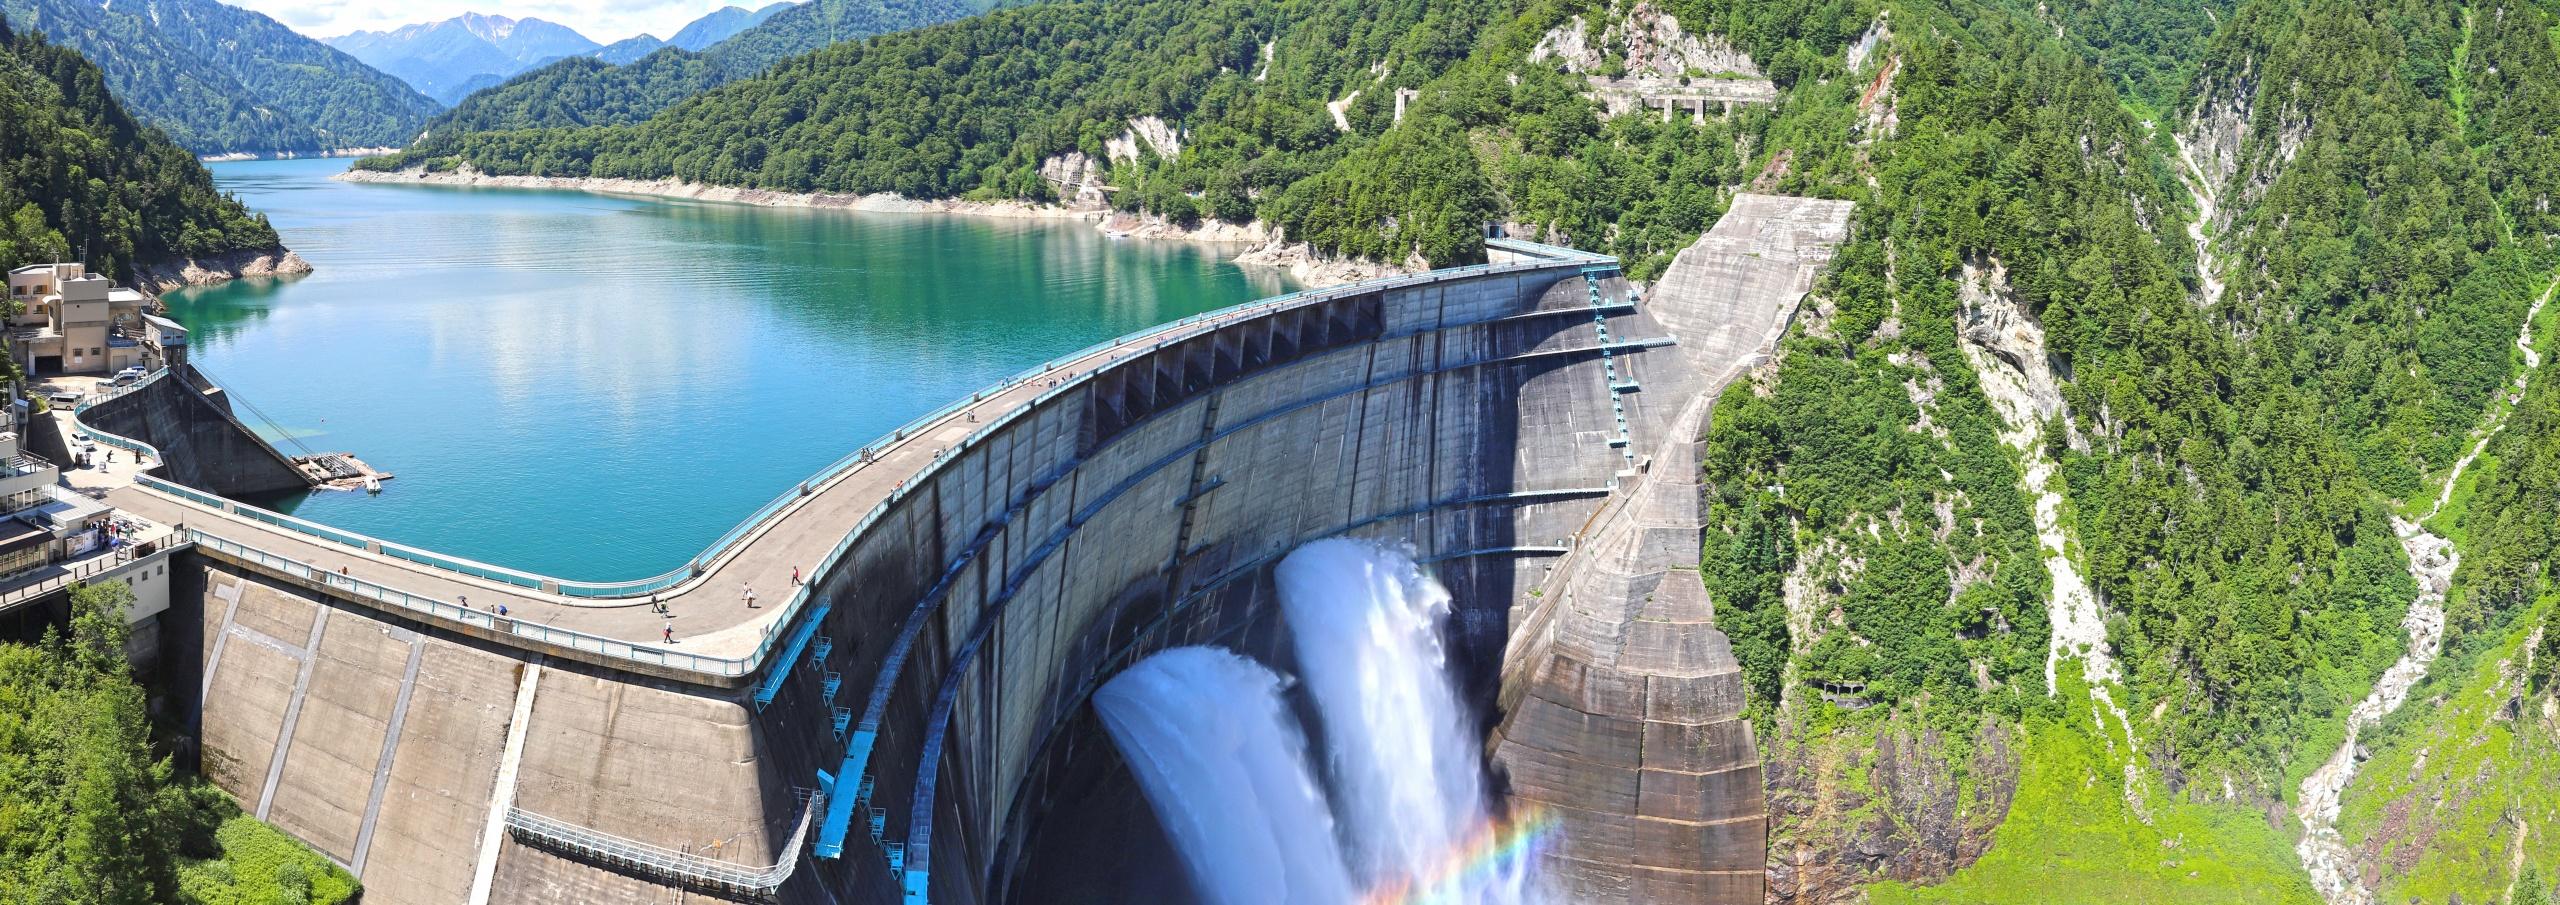 【富山県 日本の観光名所】日本最大級の黒部ダム